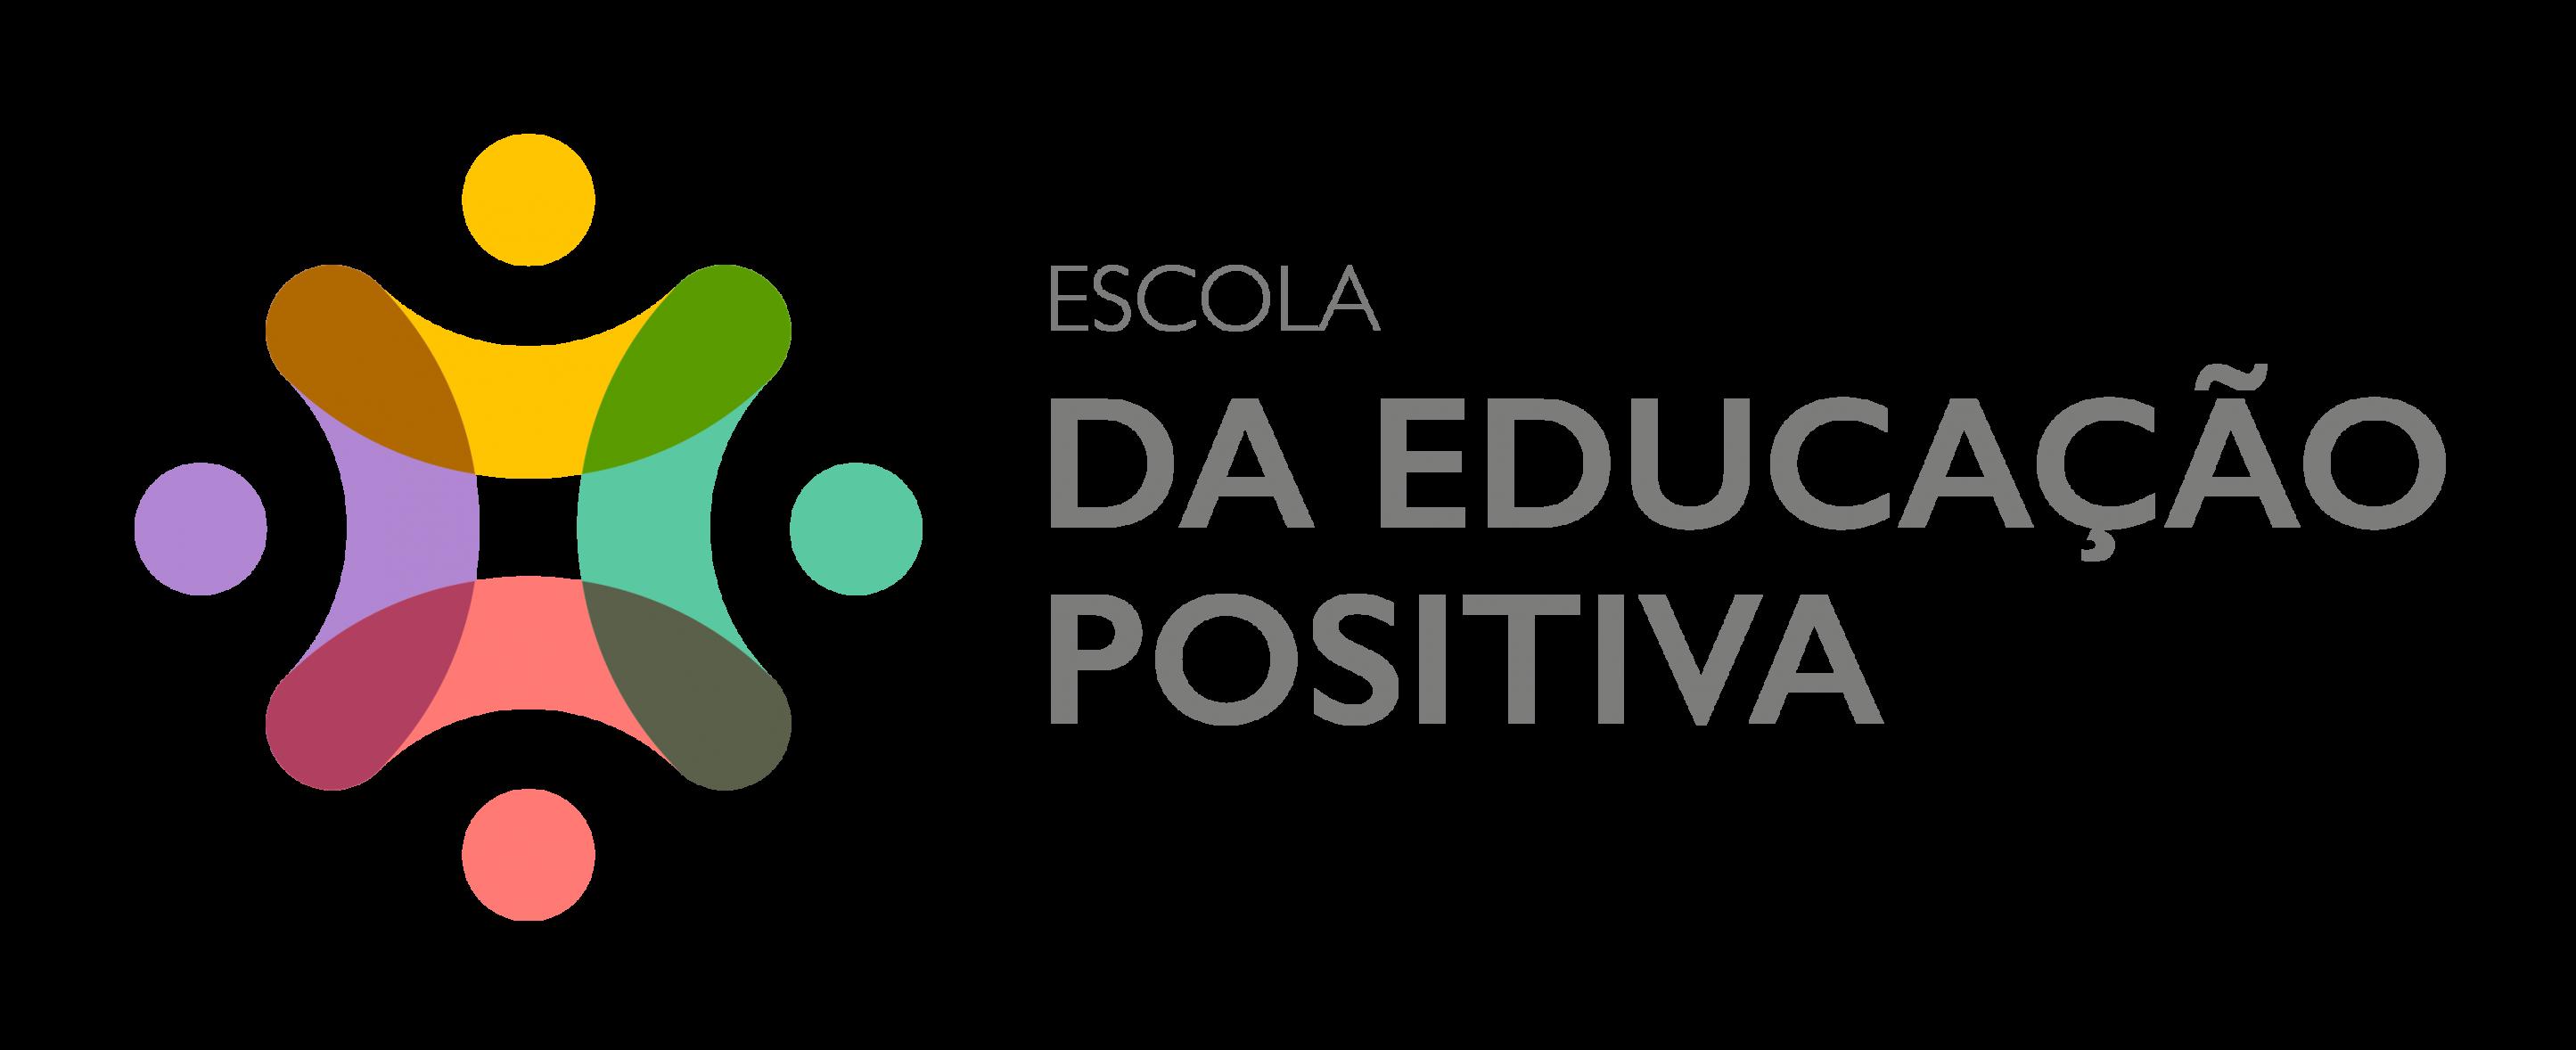 escola de educacao positiva logo nova